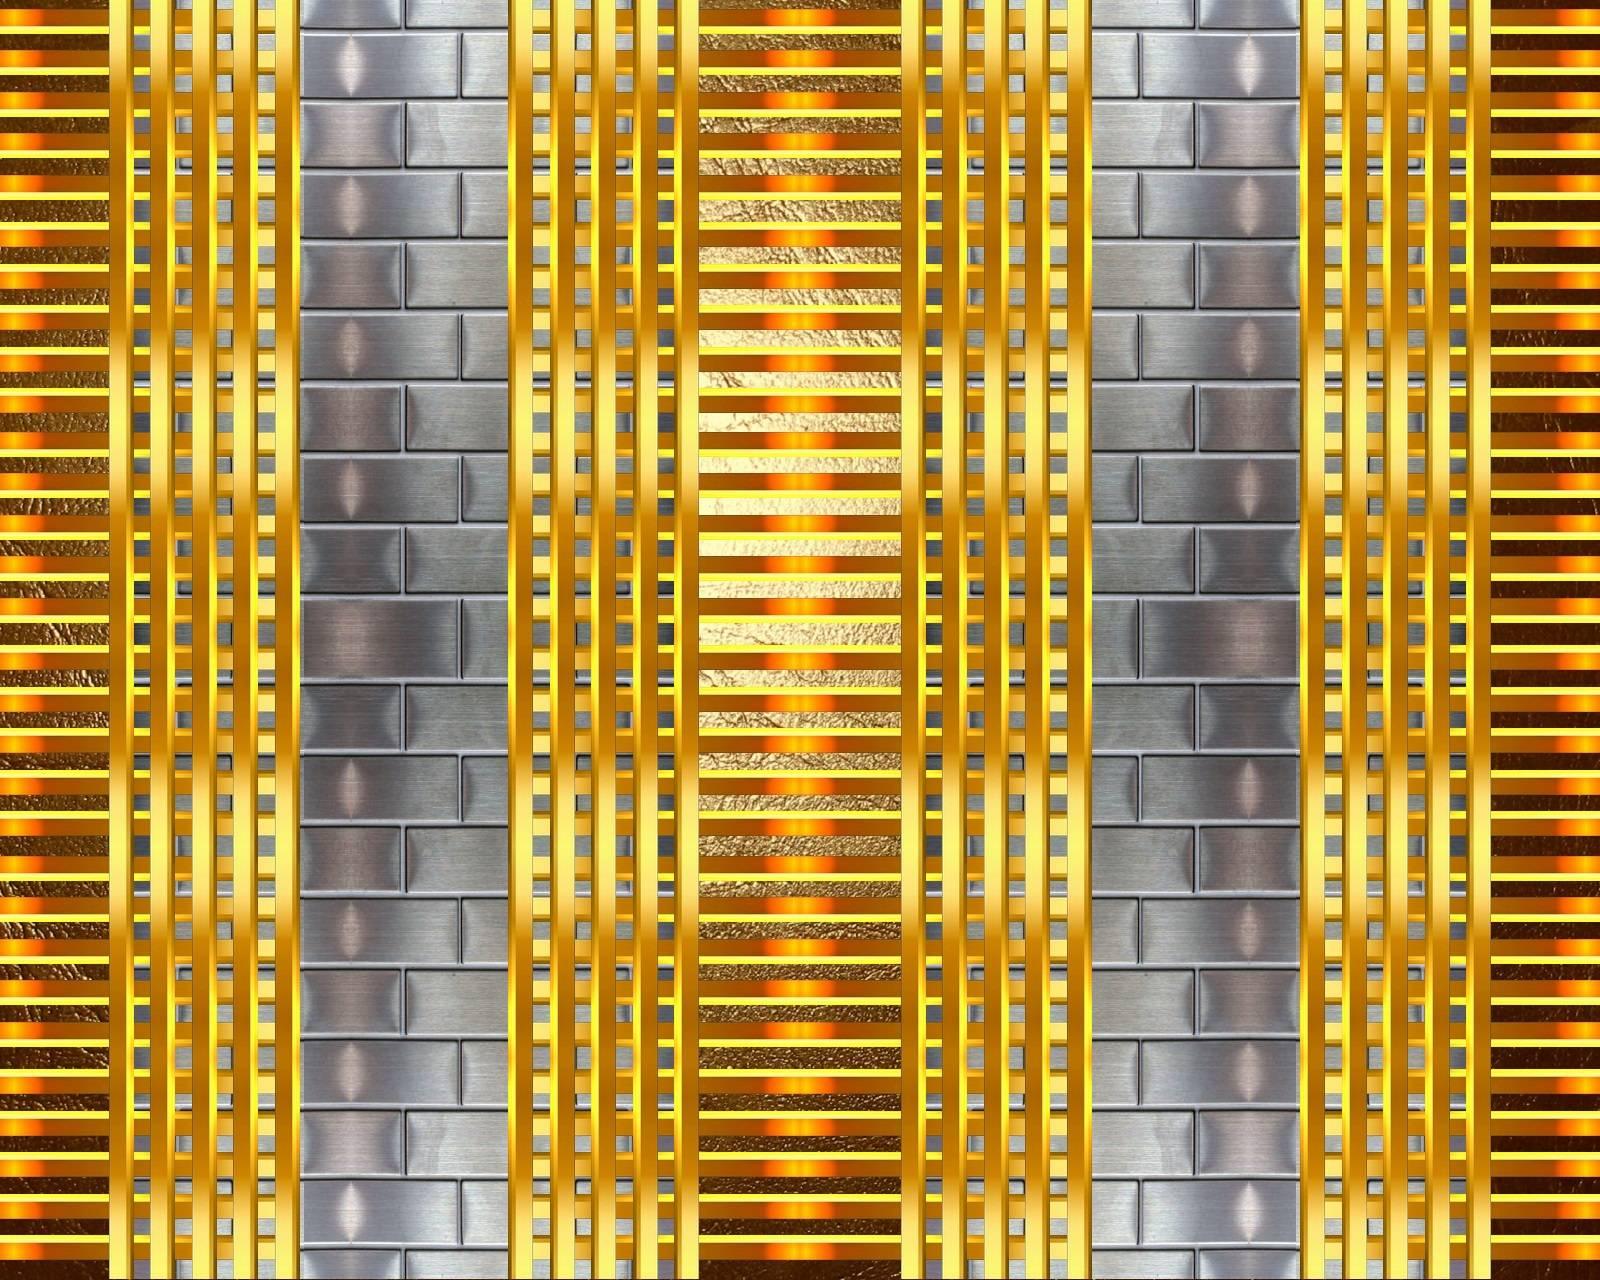 Bricks and gold